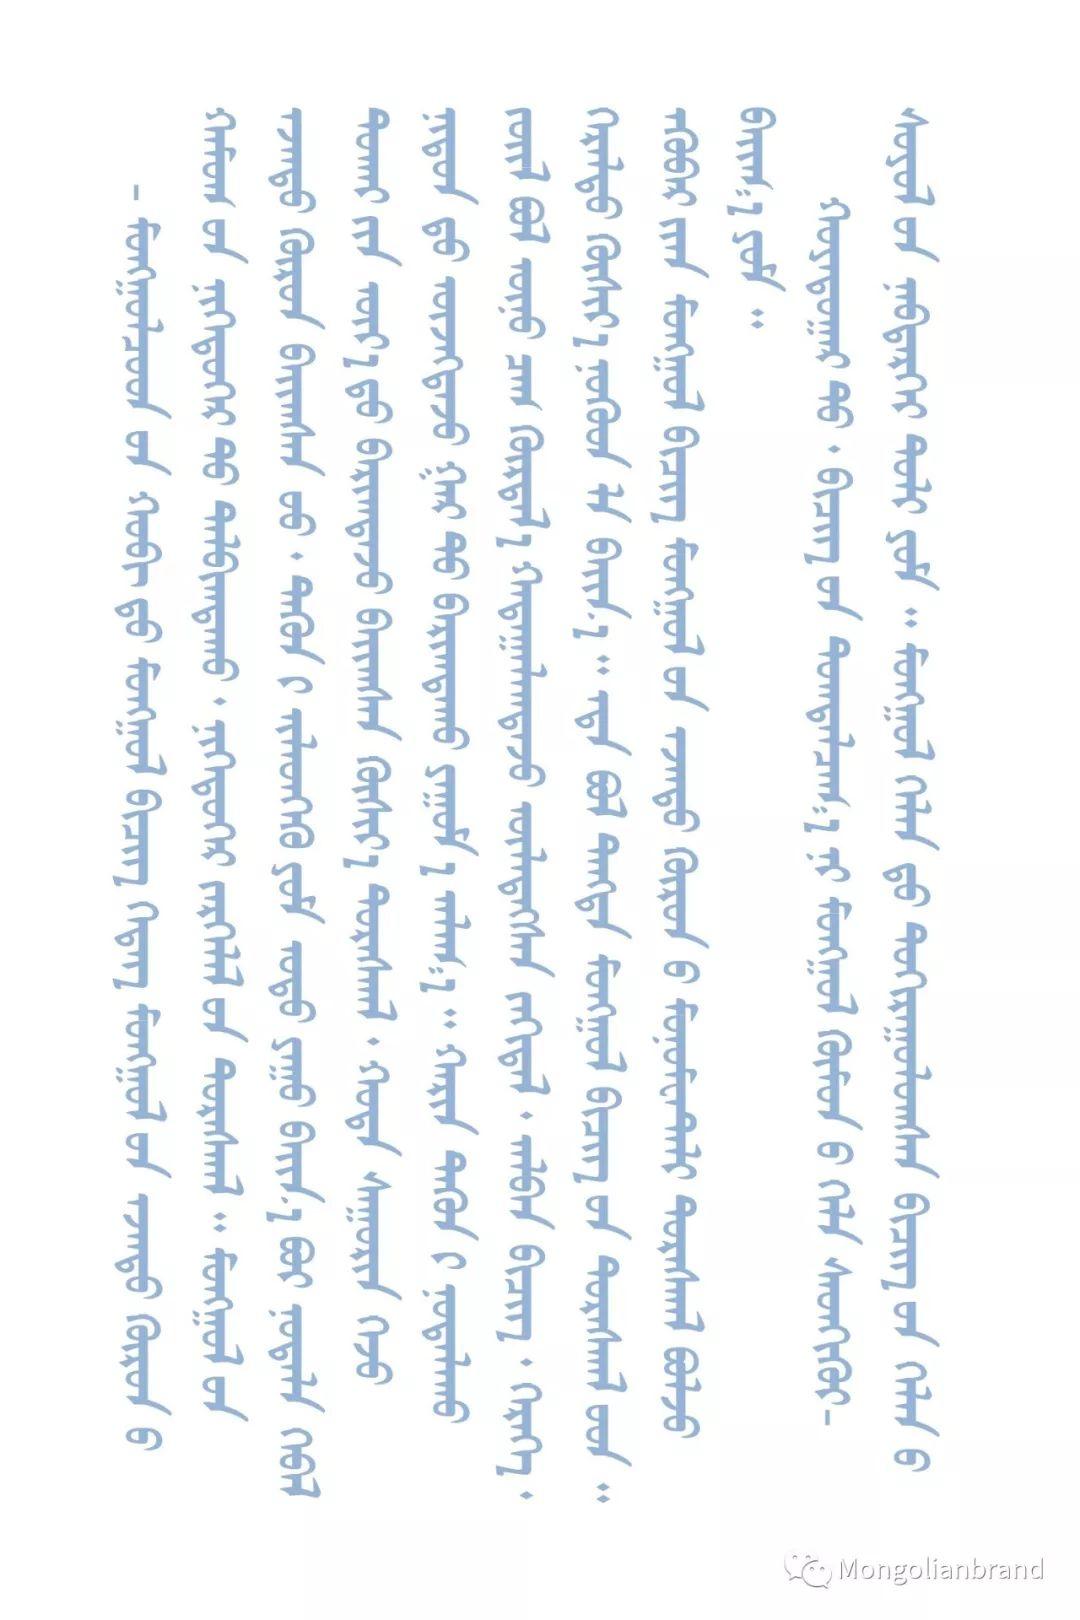 蒙古字体设计专家Jamiyansuren:让每个蒙古人掌握传统蒙古文是我们的终极目标 第19张 蒙古字体设计专家Jamiyansuren:让每个蒙古人掌握传统蒙古文是我们的终极目标 蒙古文化